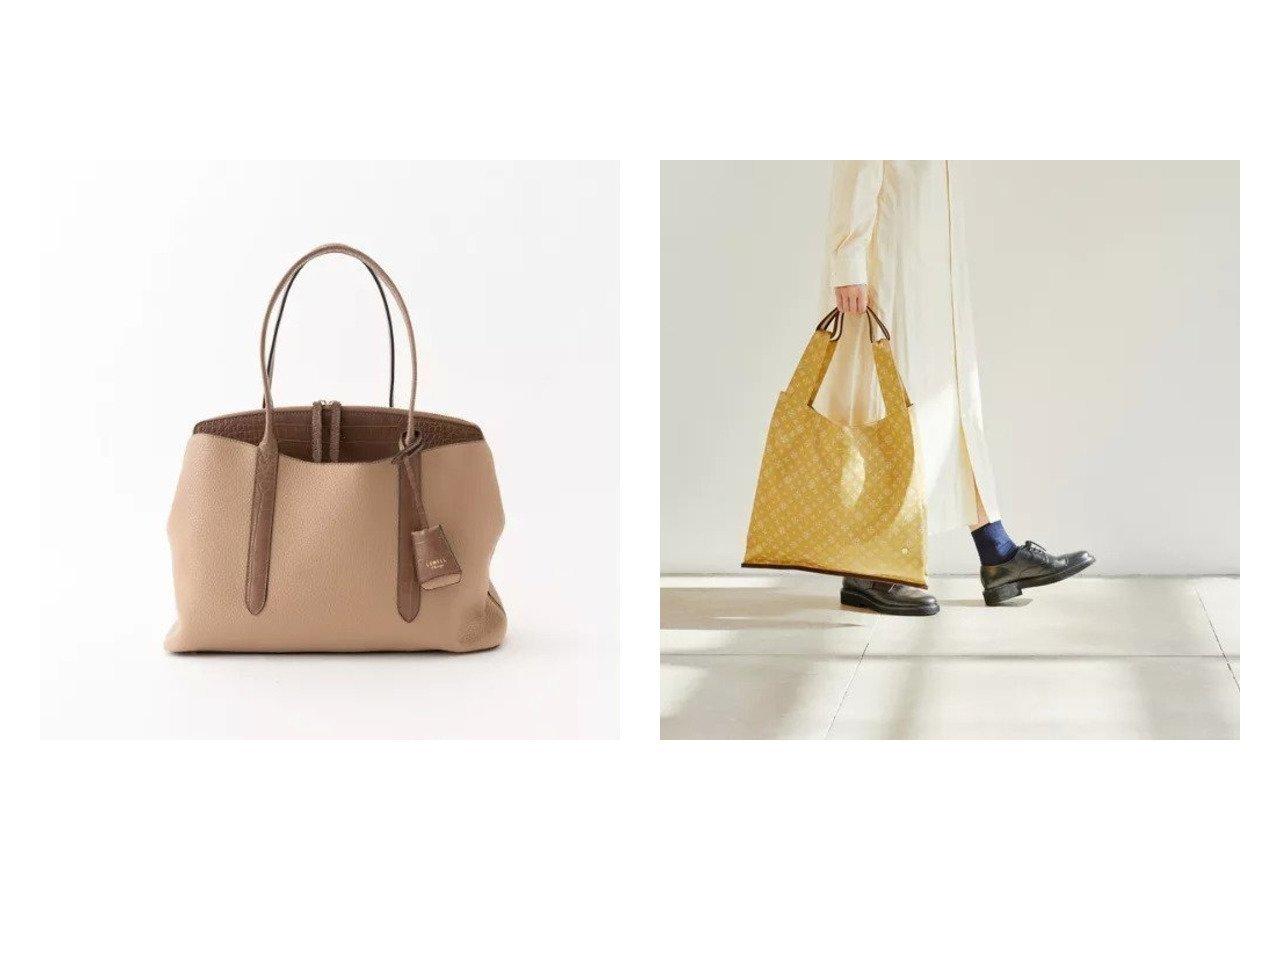 【russet/ラシット】のエプロンショッパー(CE-917)&【LOWELL Things/ロウェル シングス】の【SS新作】ラップトップトート inA4PC バッグ・鞄のおすすめ!人気、トレンド・レディースファッションの通販 おすすめで人気の流行・トレンド、ファッションの通販商品 メンズファッション・キッズファッション・インテリア・家具・レディースファッション・服の通販 founy(ファニー) https://founy.com/ ファッション Fashion レディースファッション WOMEN バッグ Bag コンビ 軽量 ジャケット スタンダード スリム ポケット ロング ワーク S/S 春夏 SS Spring/Summer イエロー スマート ブローチ ベスト ベーシック ワンポイント  ID:crp329100000014482